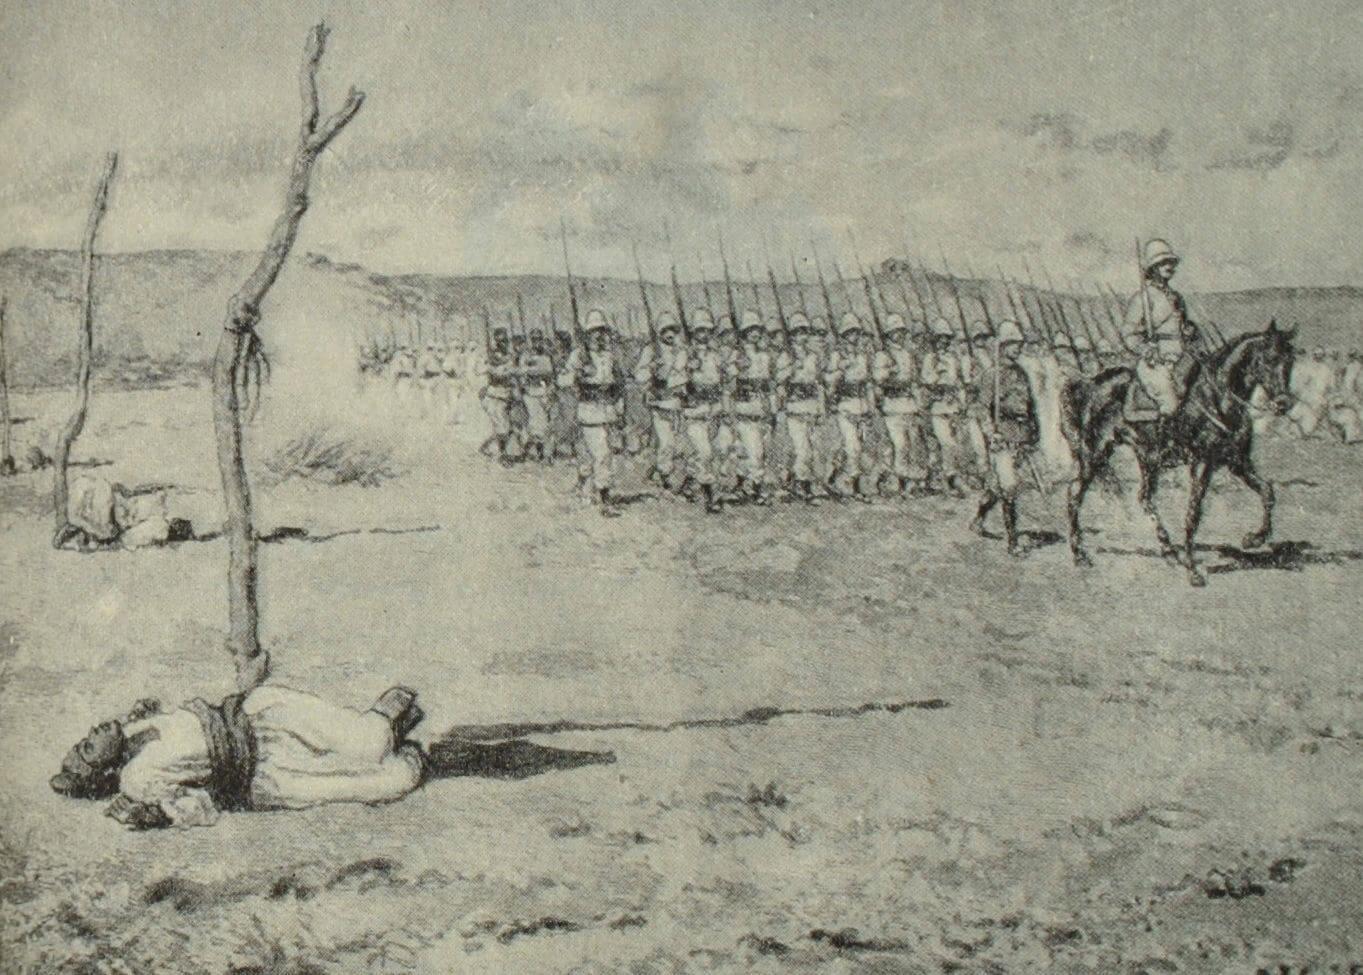 Французские каратели на Мадагаскаре. Рисунок Р. Жерардена по эскизу Л. Тинейра. 1895 г.